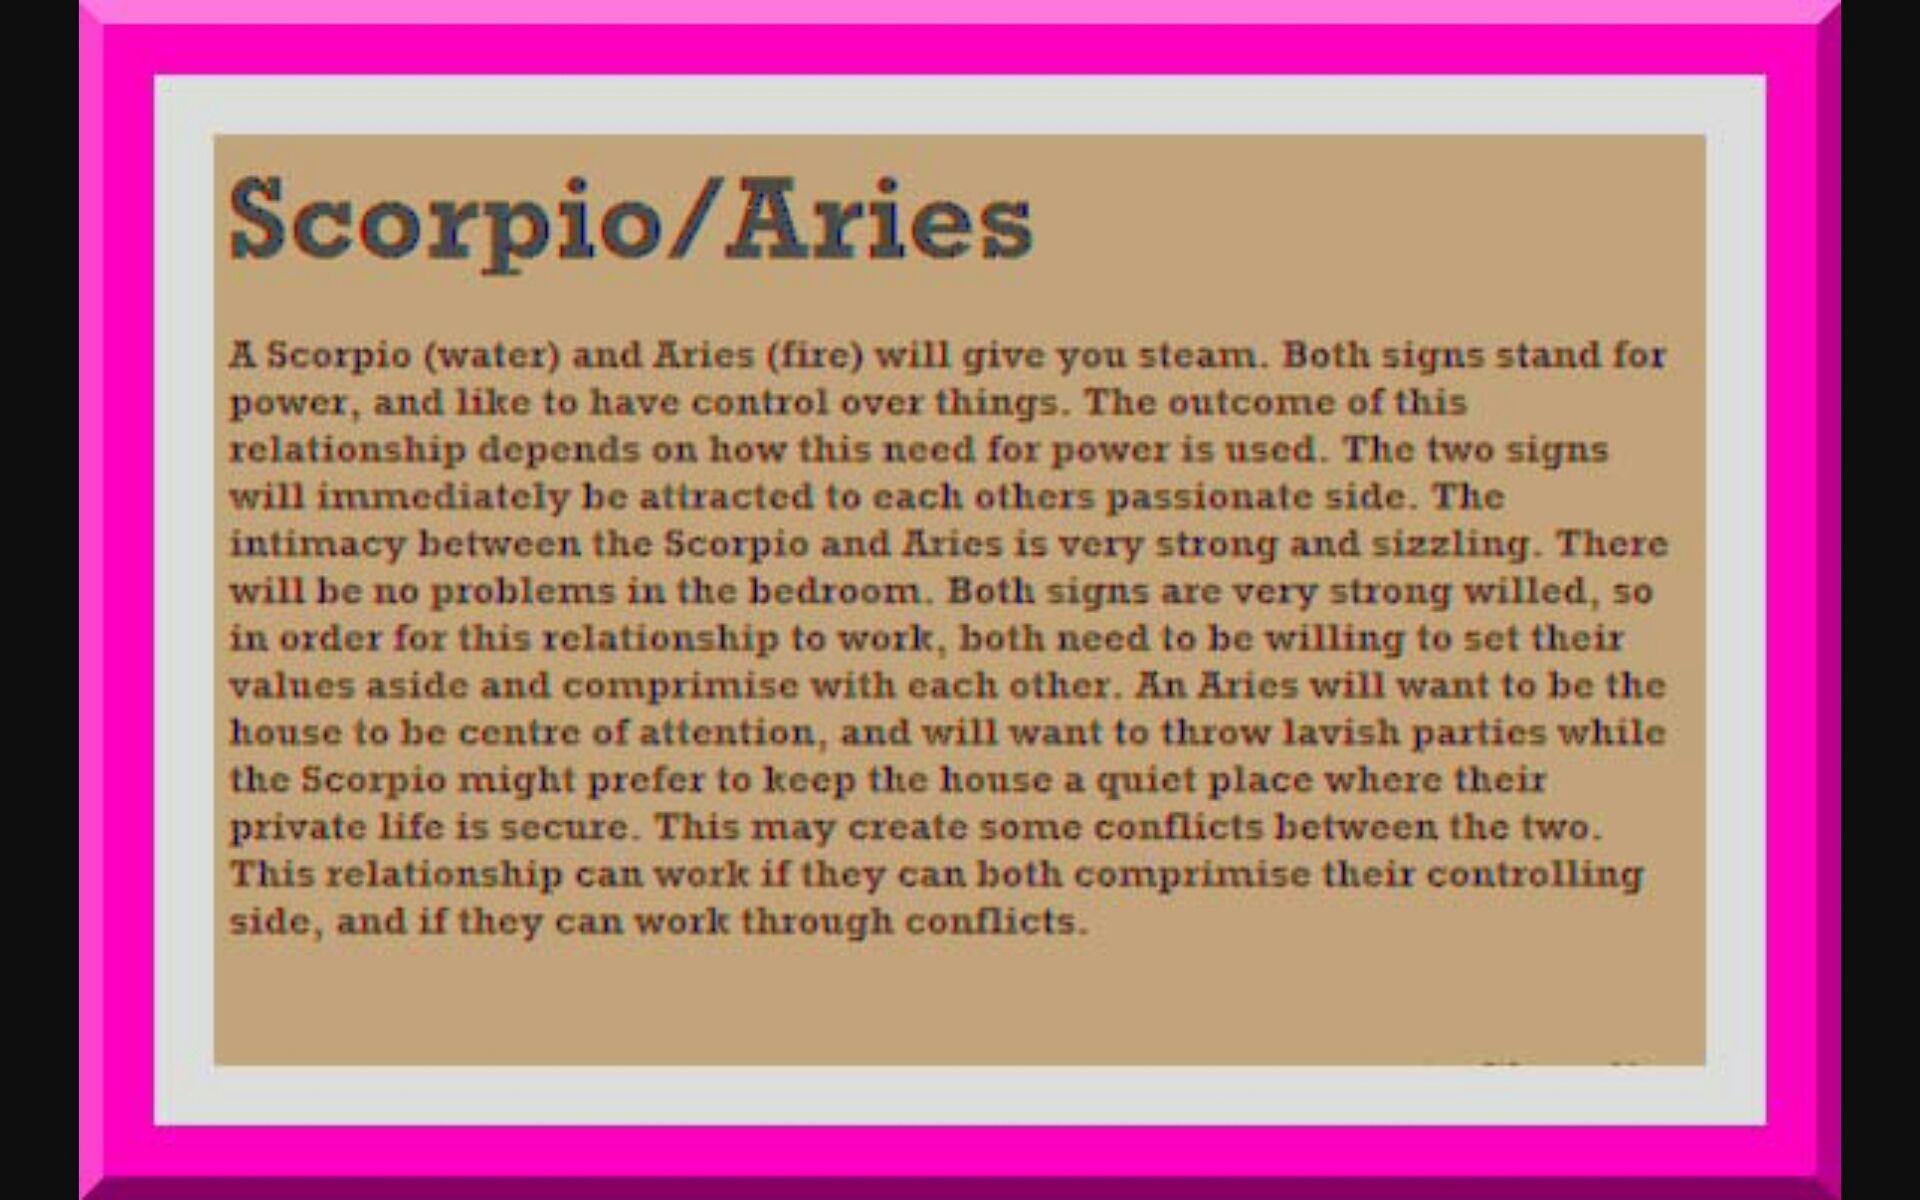 Scorpio and aries match making